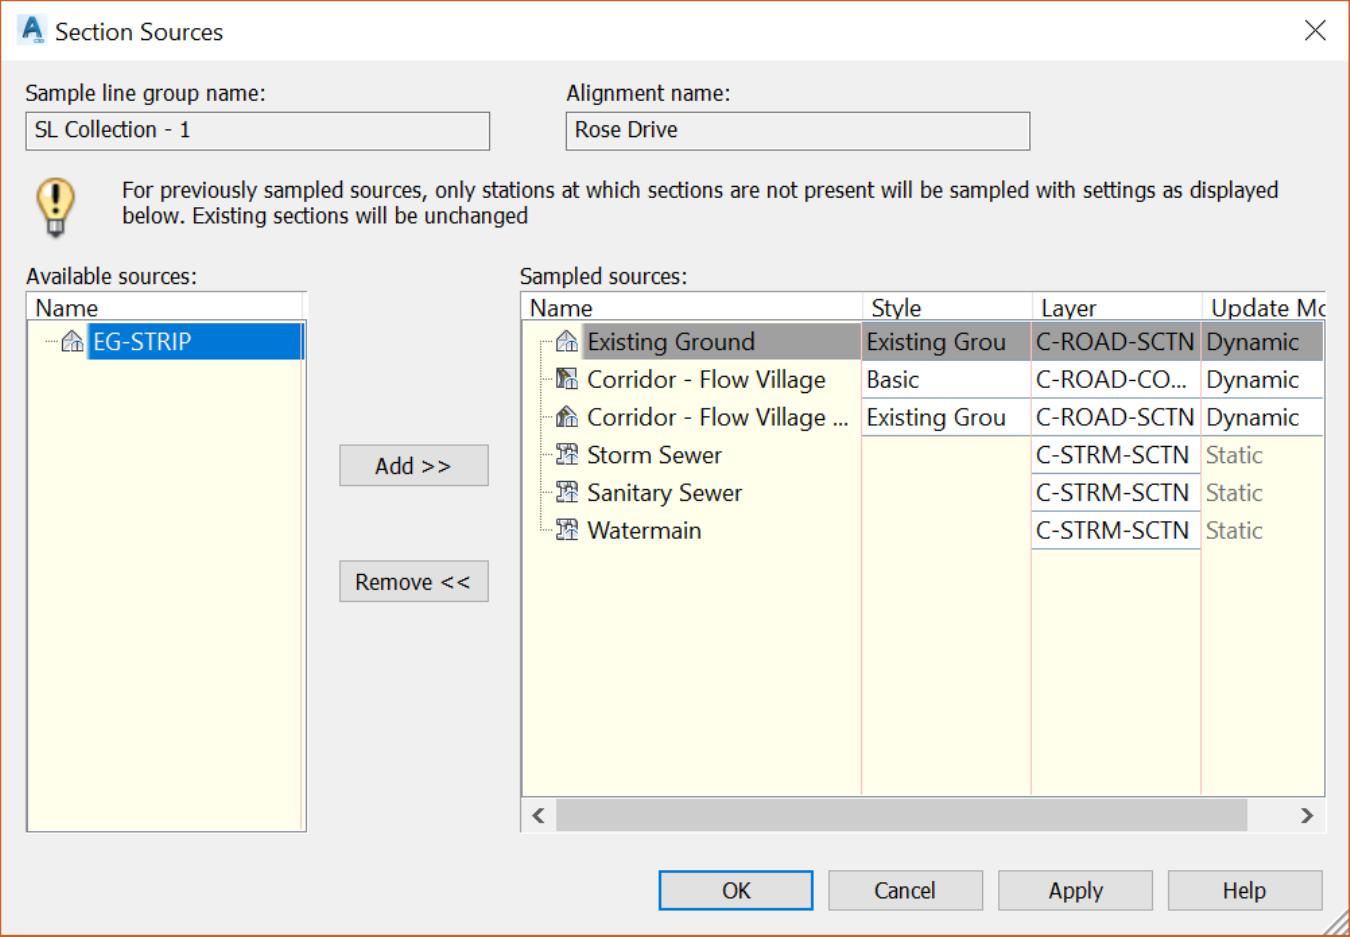 C:\Users\Infratech.Civil\AppData\Local\Microsoft\Windows\INetCache\Content.MSO\6E787966.tmp